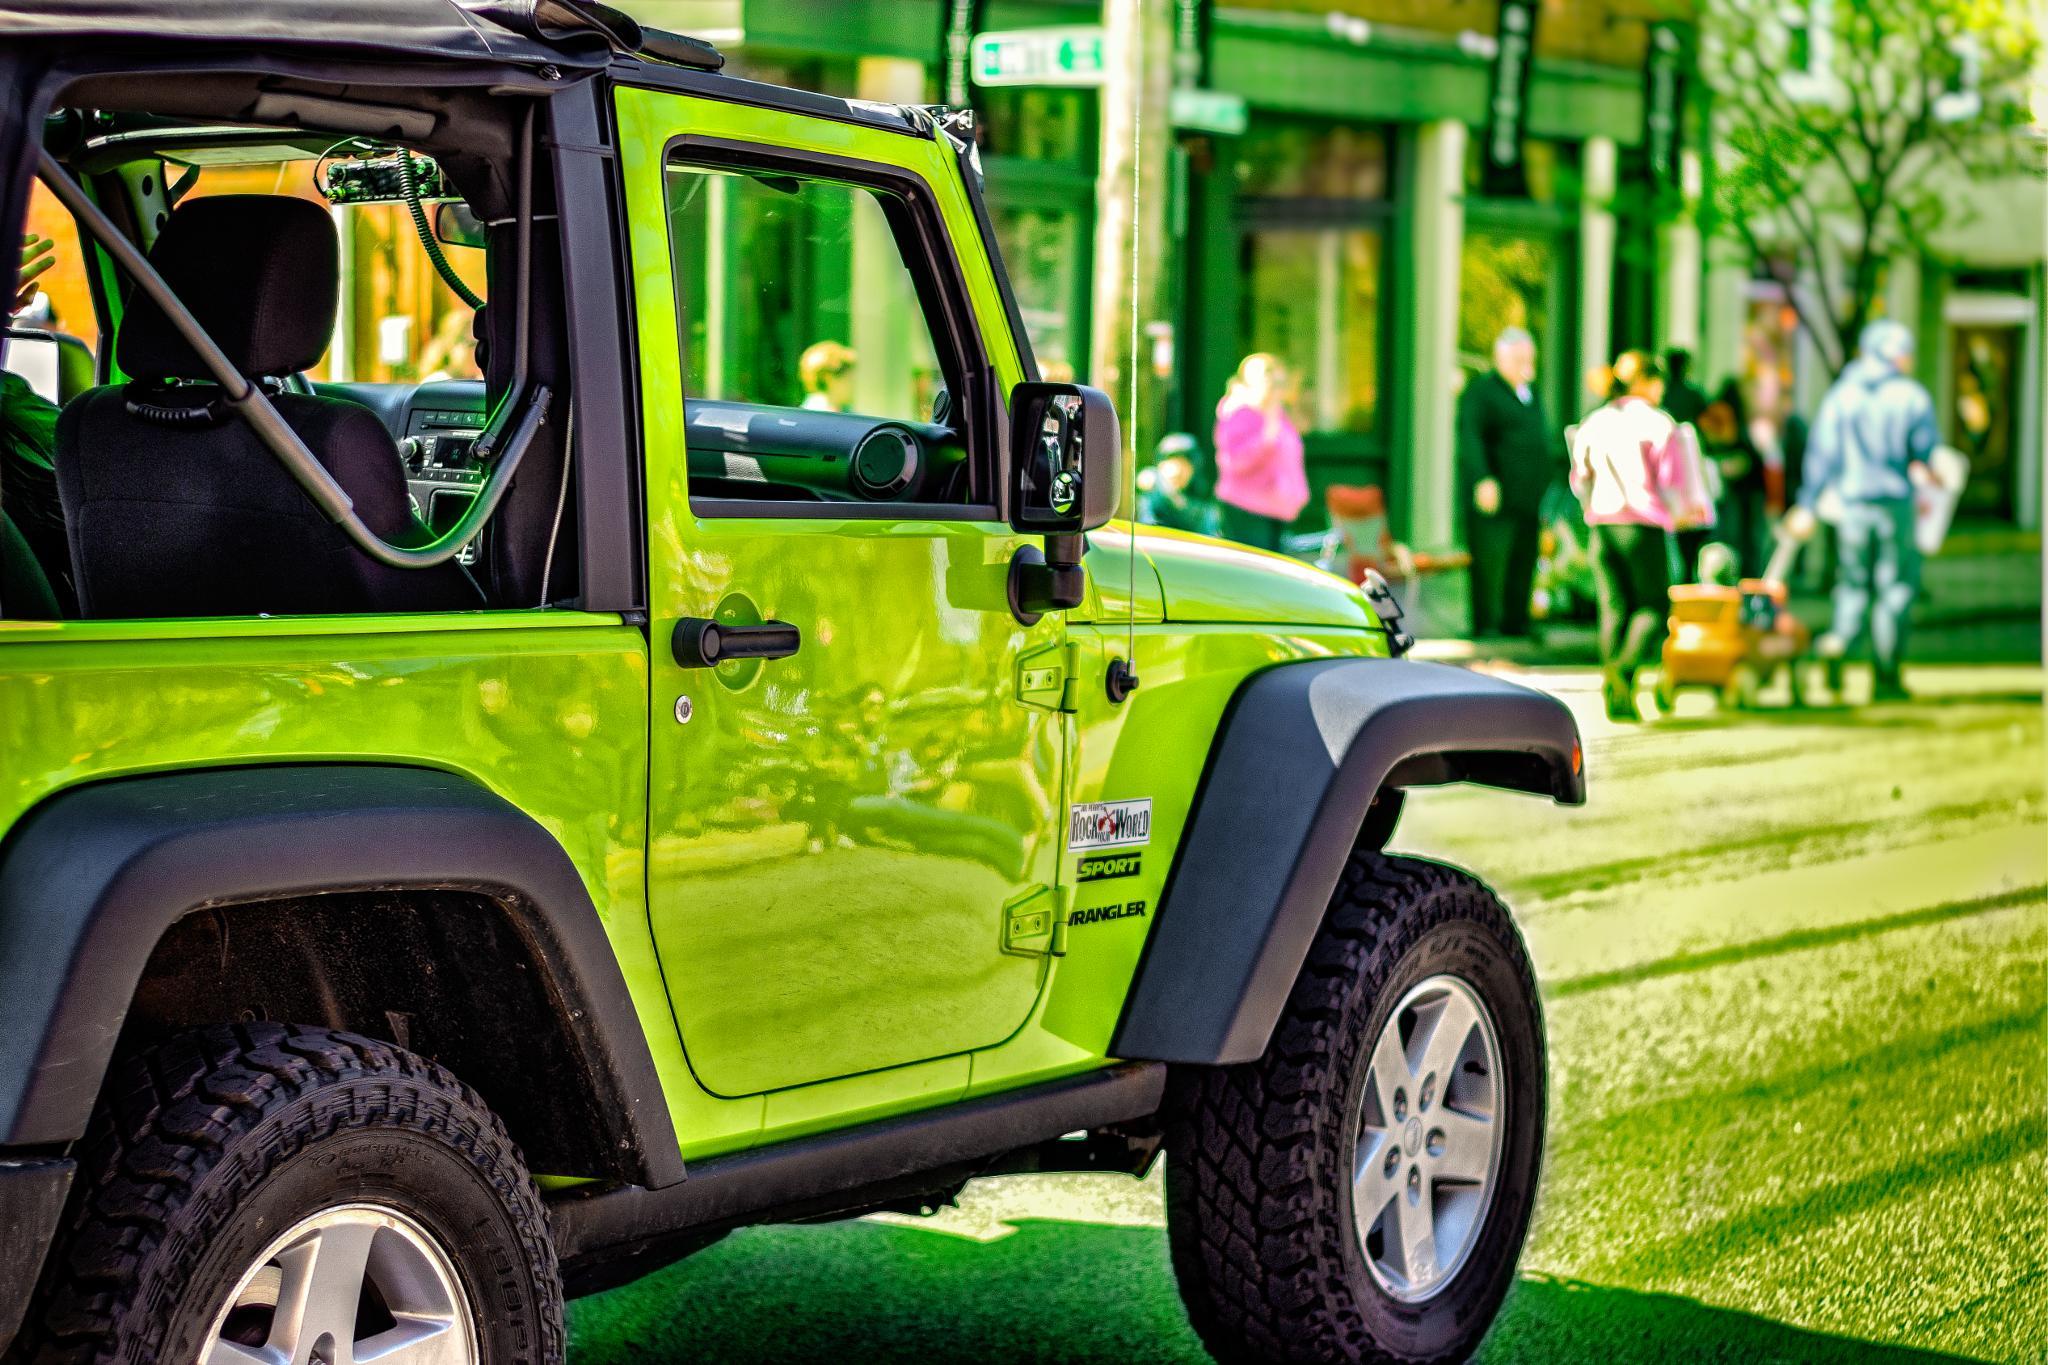 Guacamole jeep by Emmanuel Ruiz